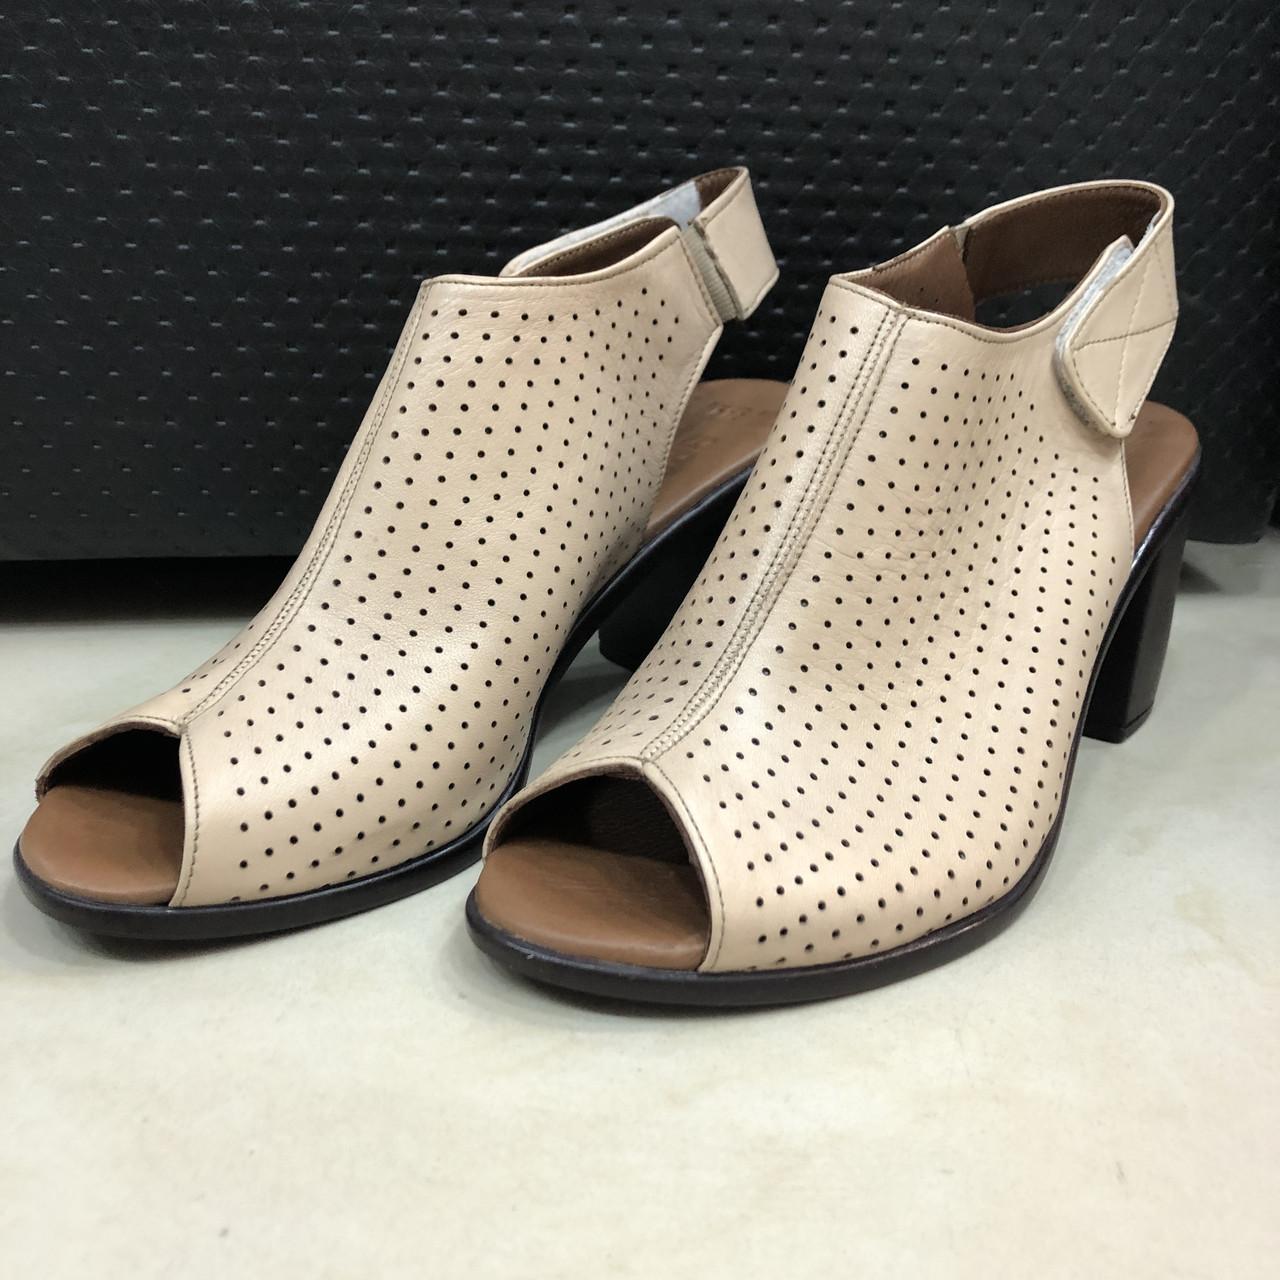 Босоножки сандалии женские кожаные бежевый BRENDA